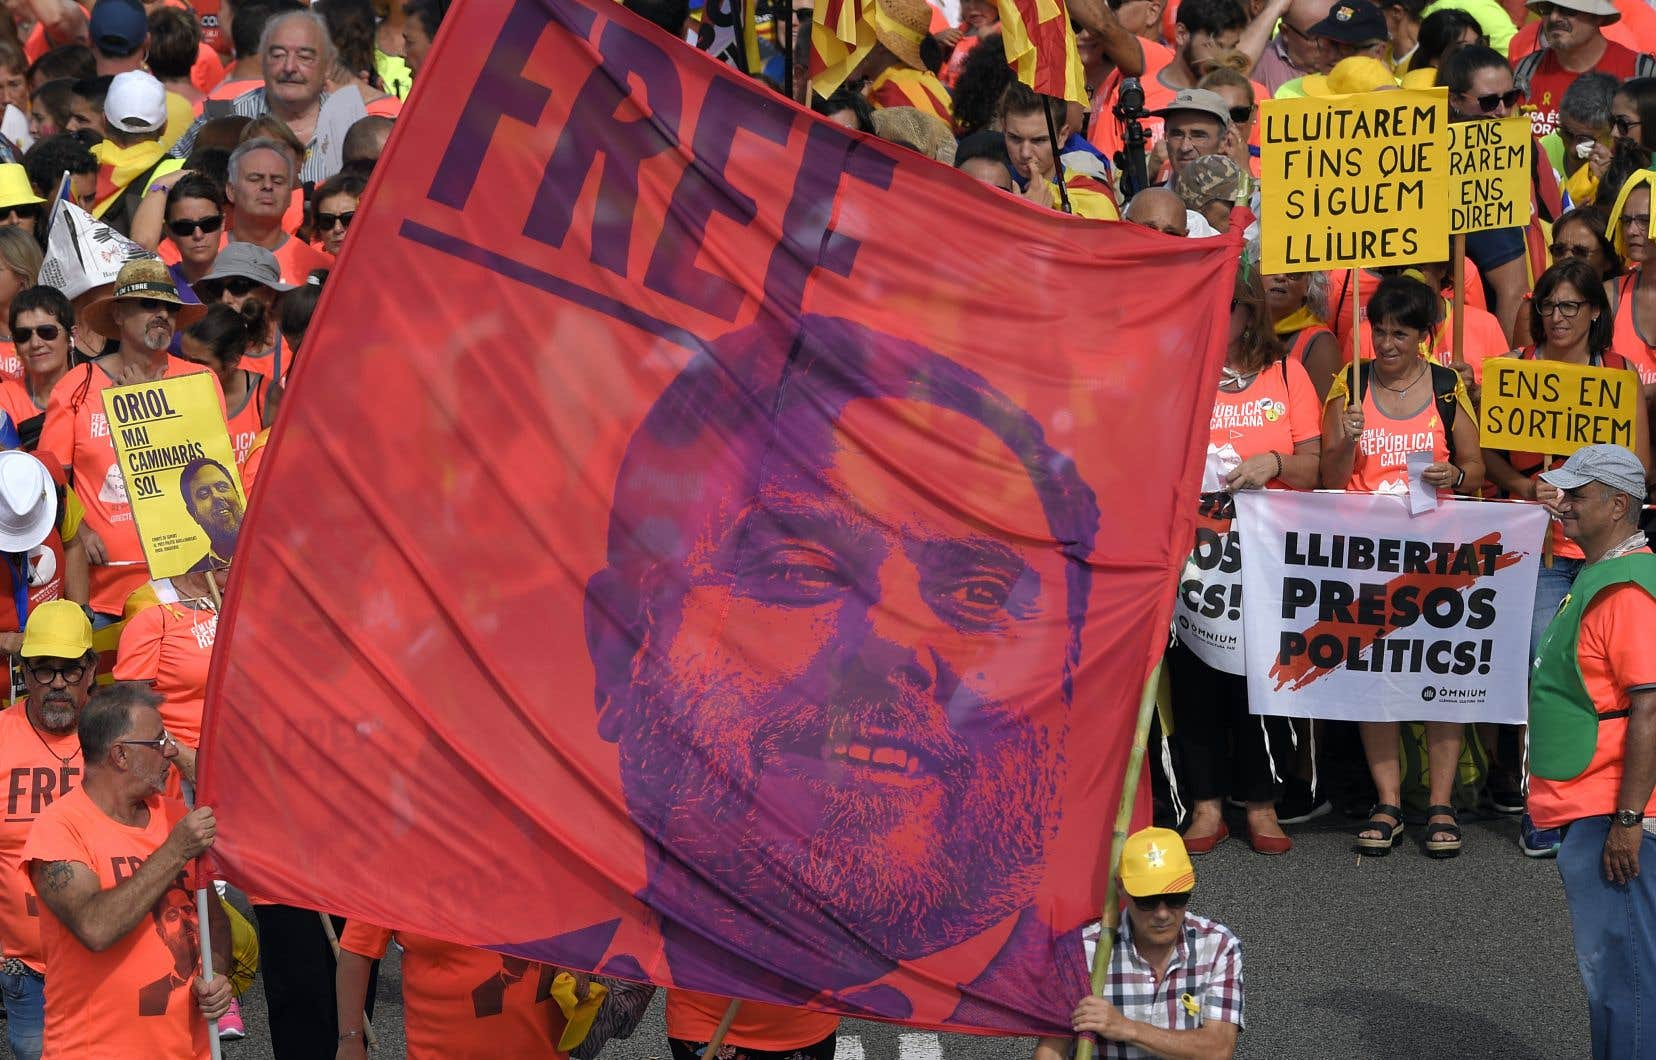 En prison depuis un an, l'ancien vice-président catalan Oriol Junqueras est le seul à encourir la peine la plus élevée de 25 ans de prison et d'inéligibilité.